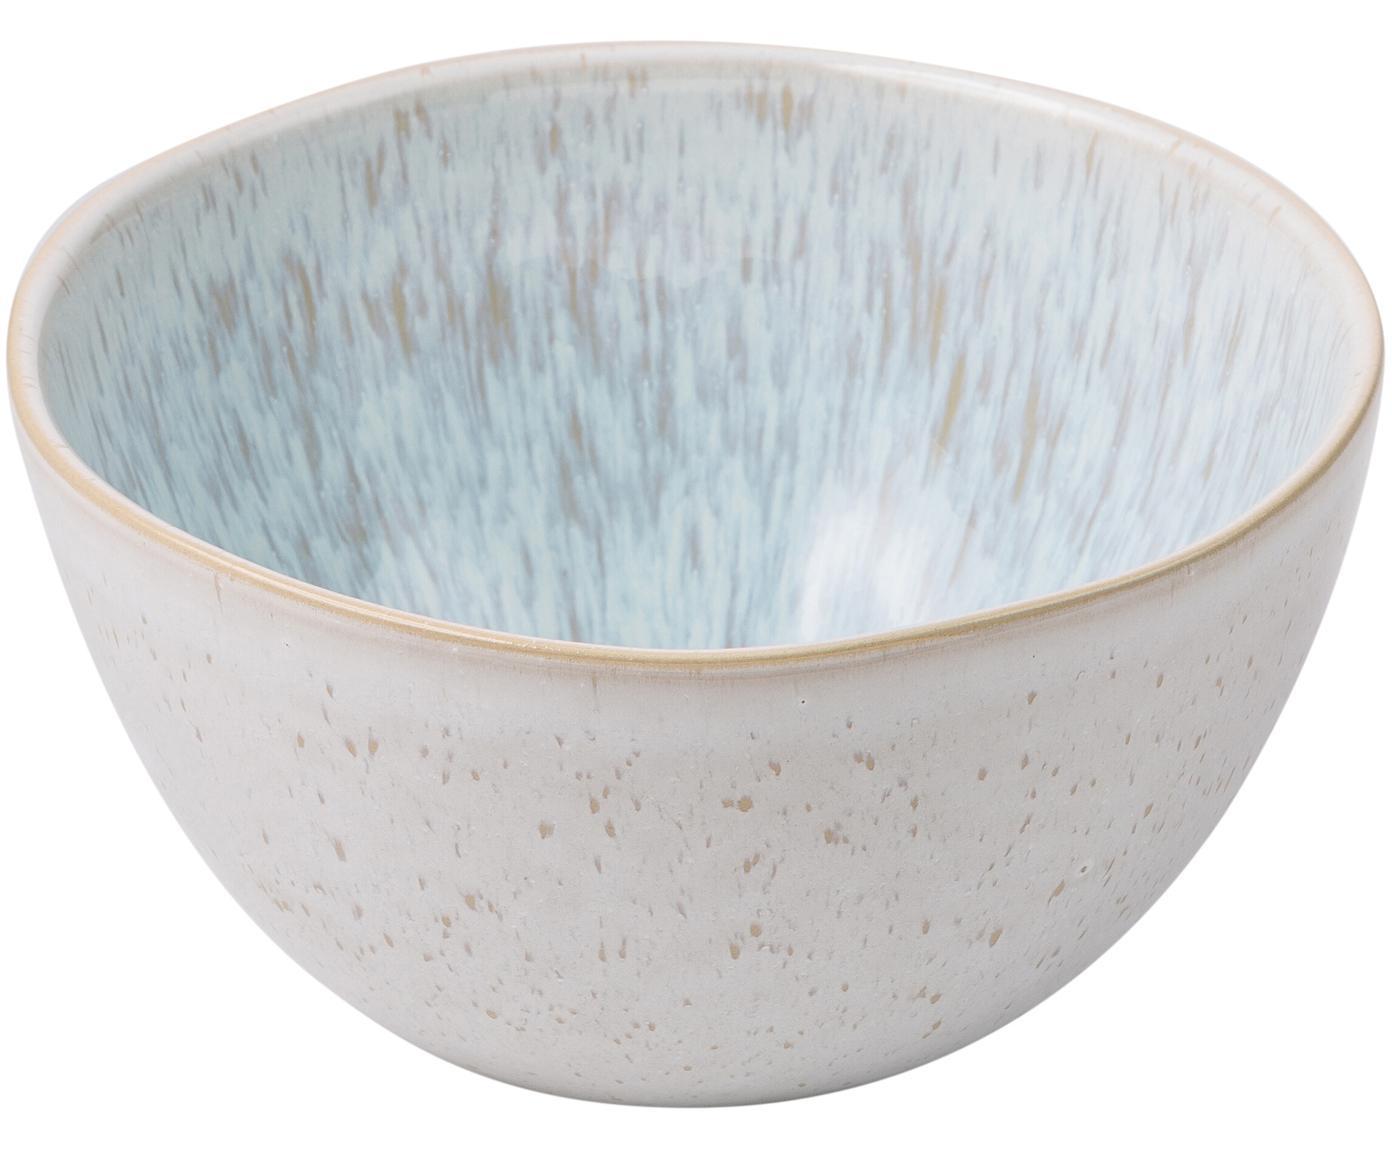 Ciotole dipinte a mano Areia, 2 pz., Gres, Azzurro, bianco latteo, beige chiaro, Ø 15 x A 8 cm